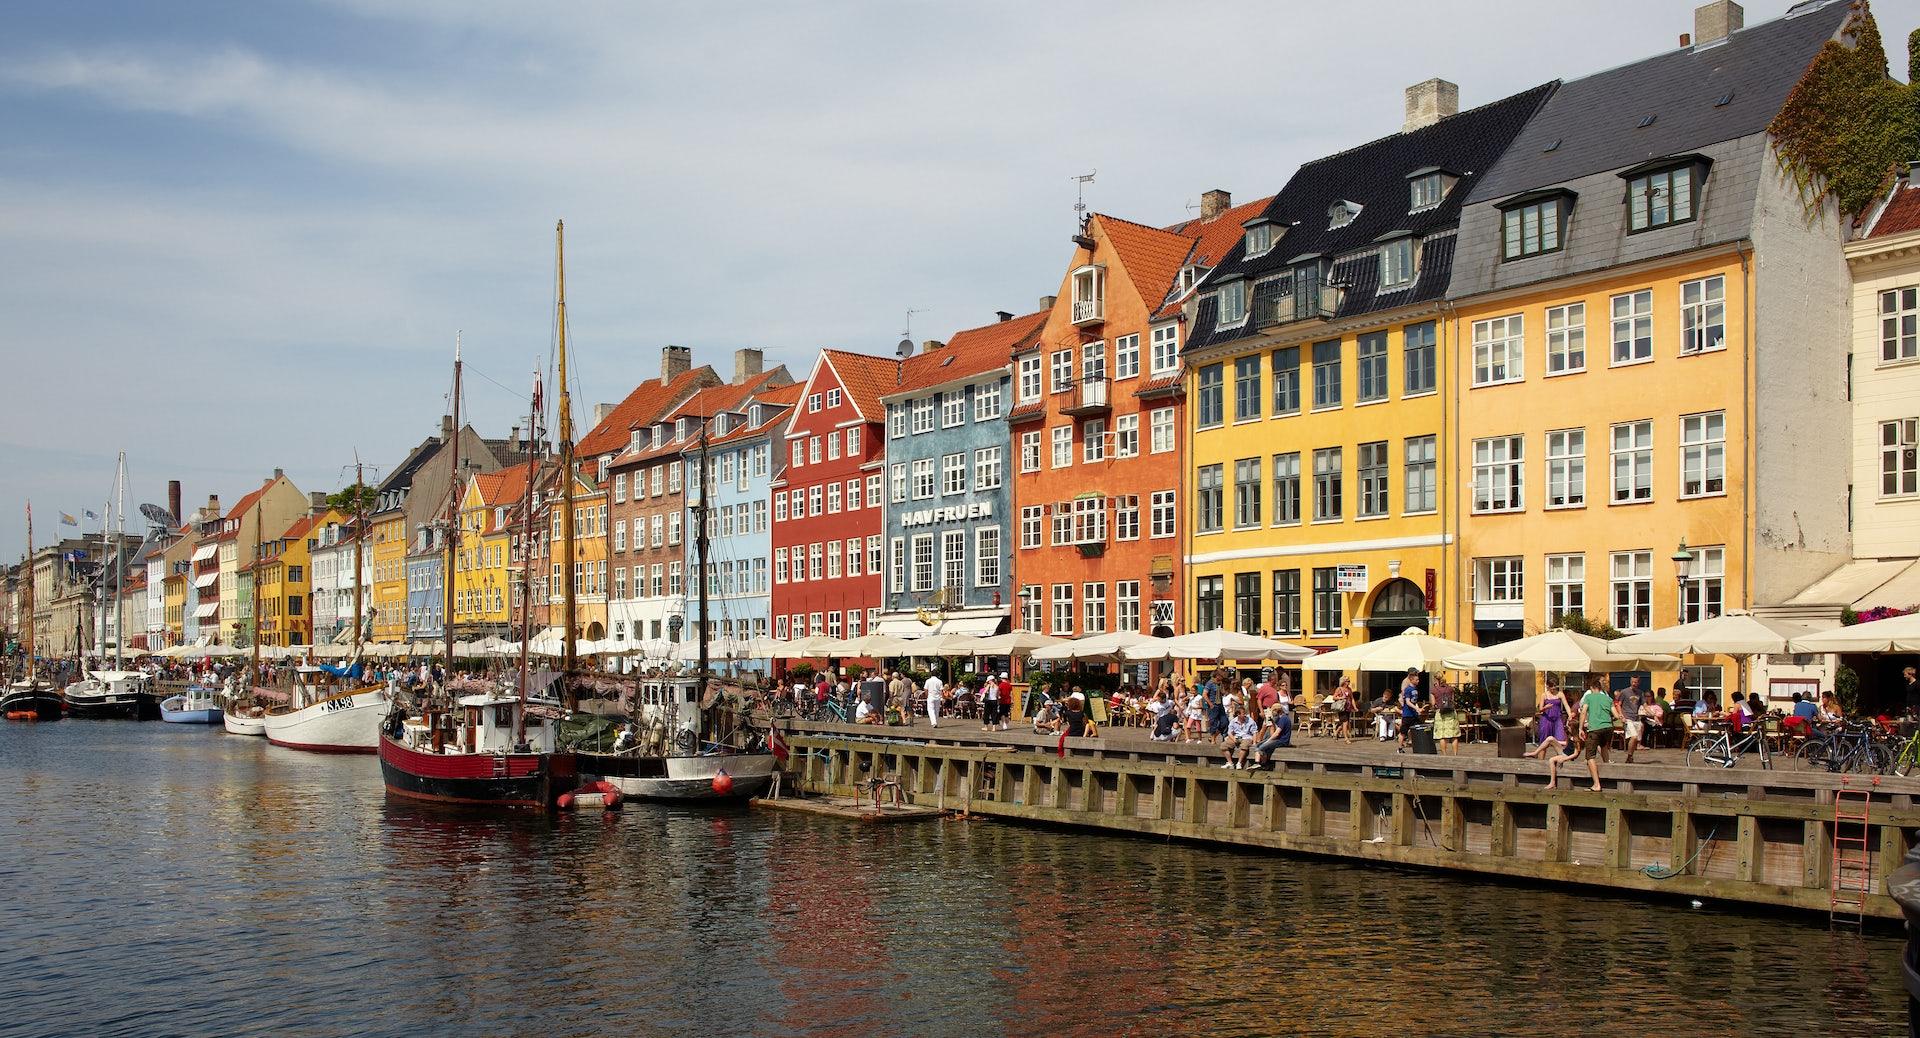 Nyhavns Polsevogns in Copenhagen